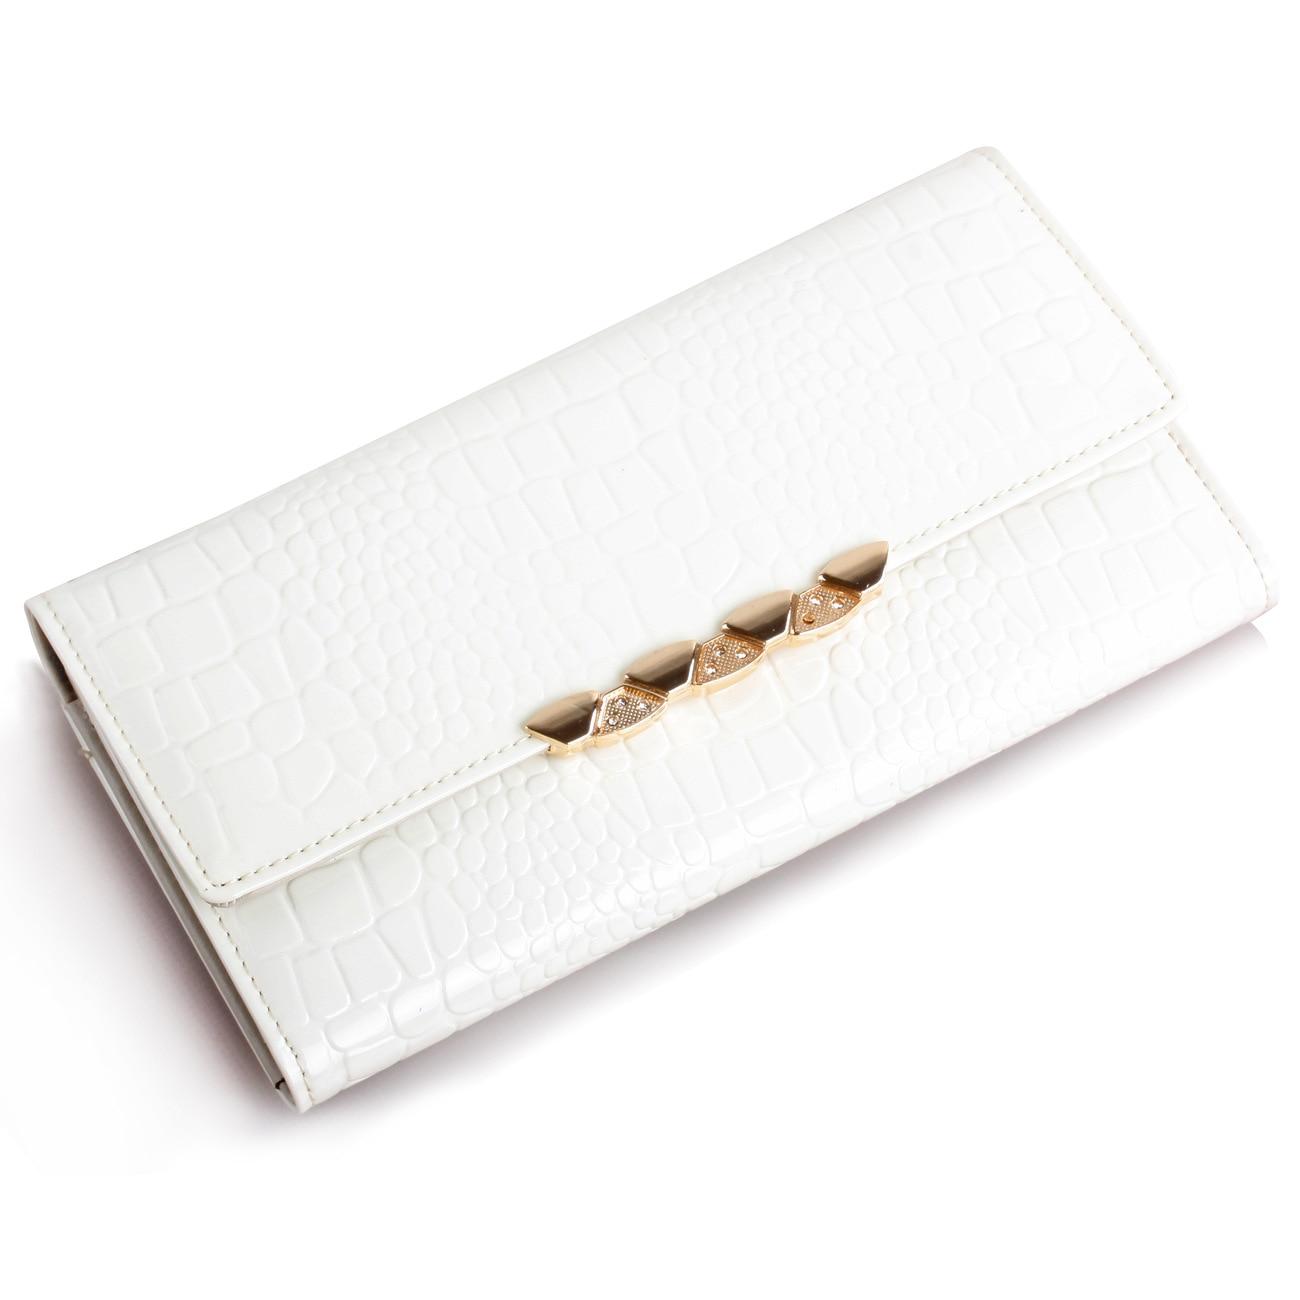 Freundschaftlich Cattle Zwei Haut Geldbörsen Kreditkartenhalter Kuh Laather Bank Kartenhalter Brieftasche Männer Dünne Krokoprägung Geldbörse Elegant Im Stil